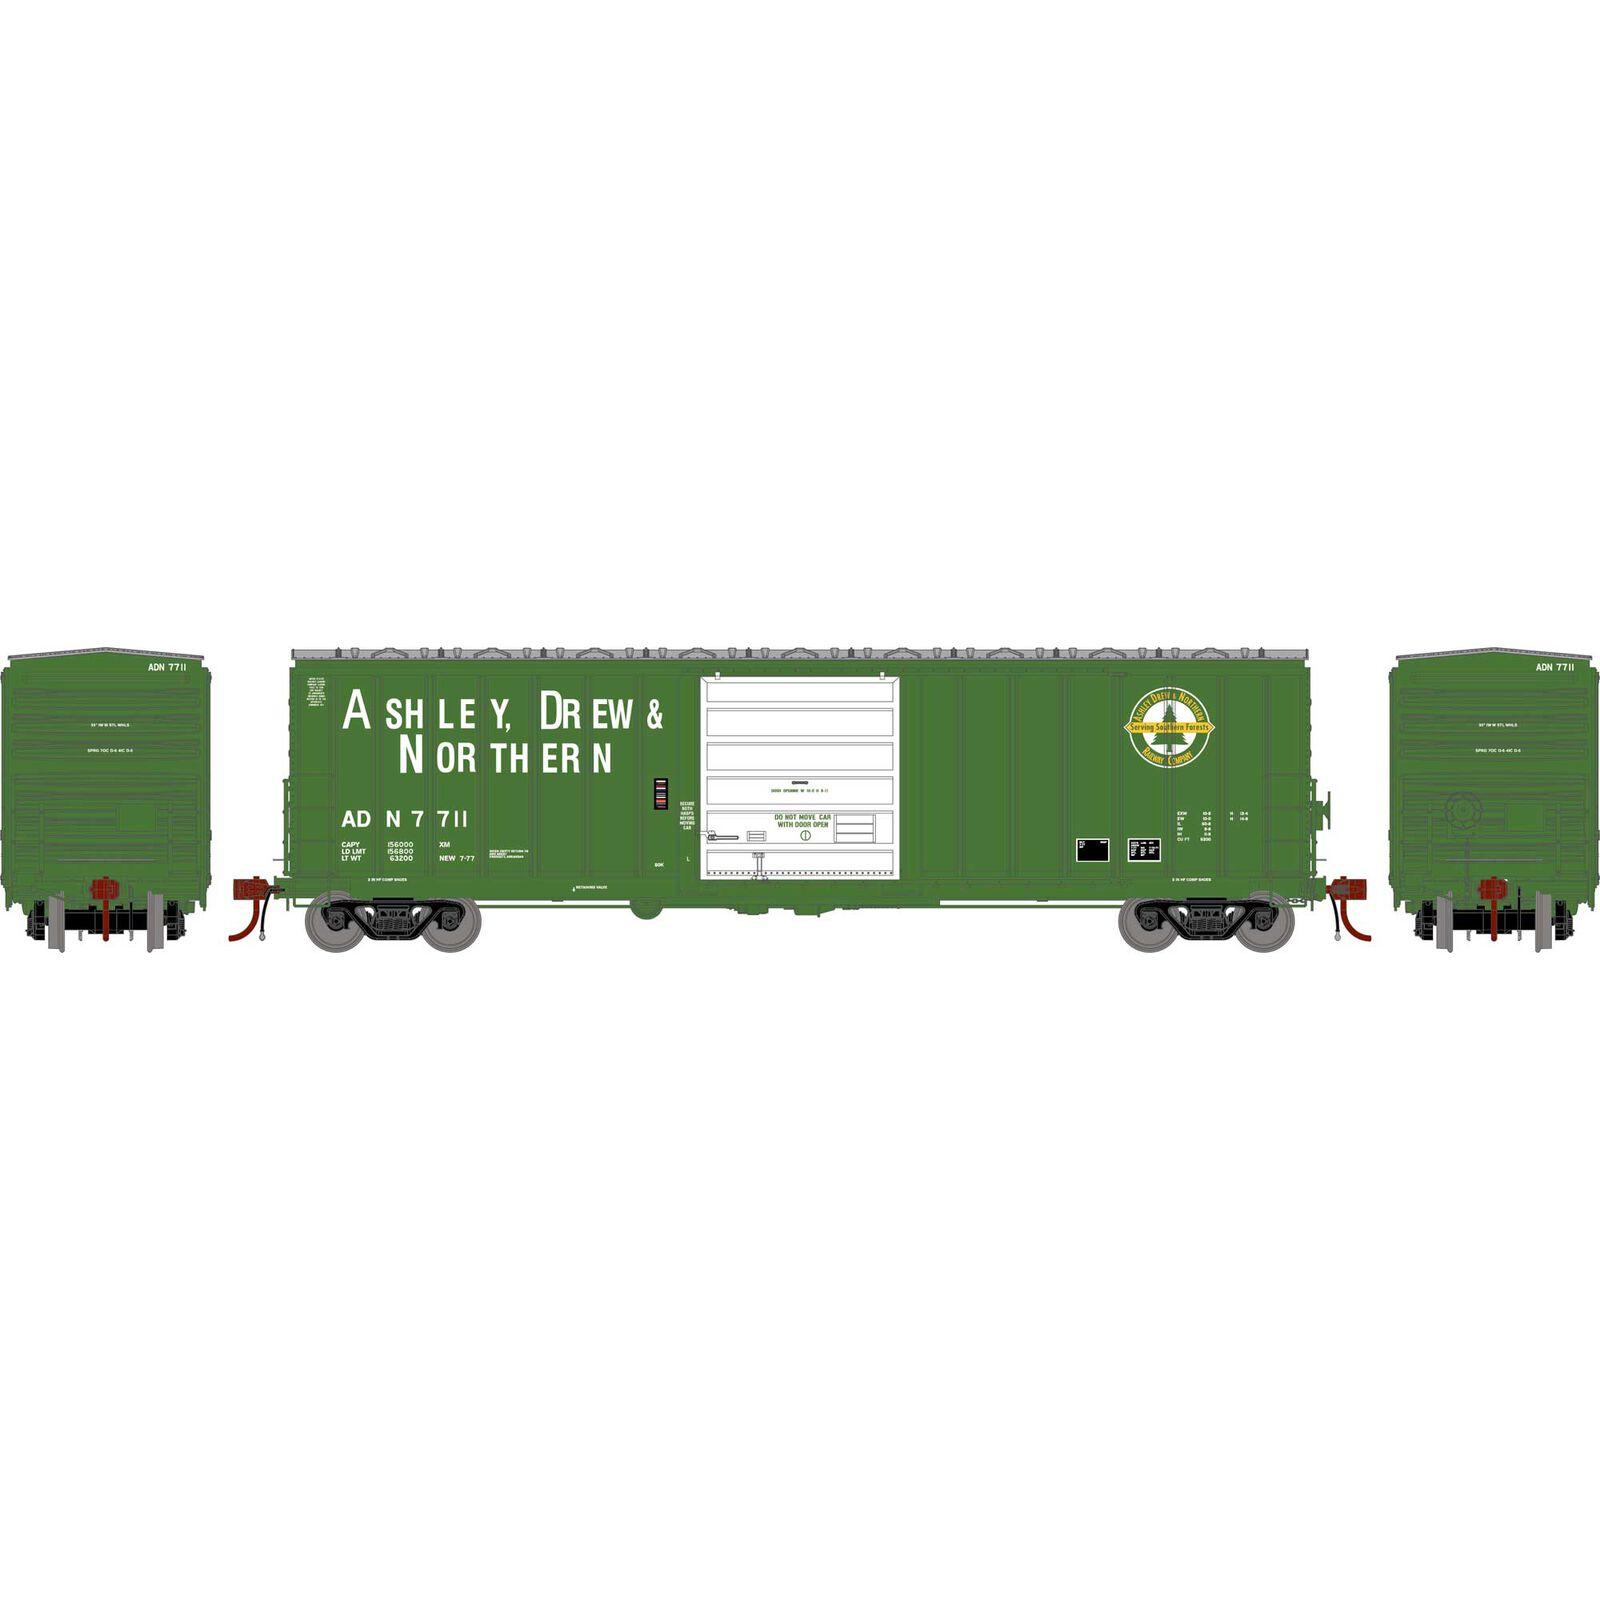 HO 50' SIECO Box, AD&N #7711